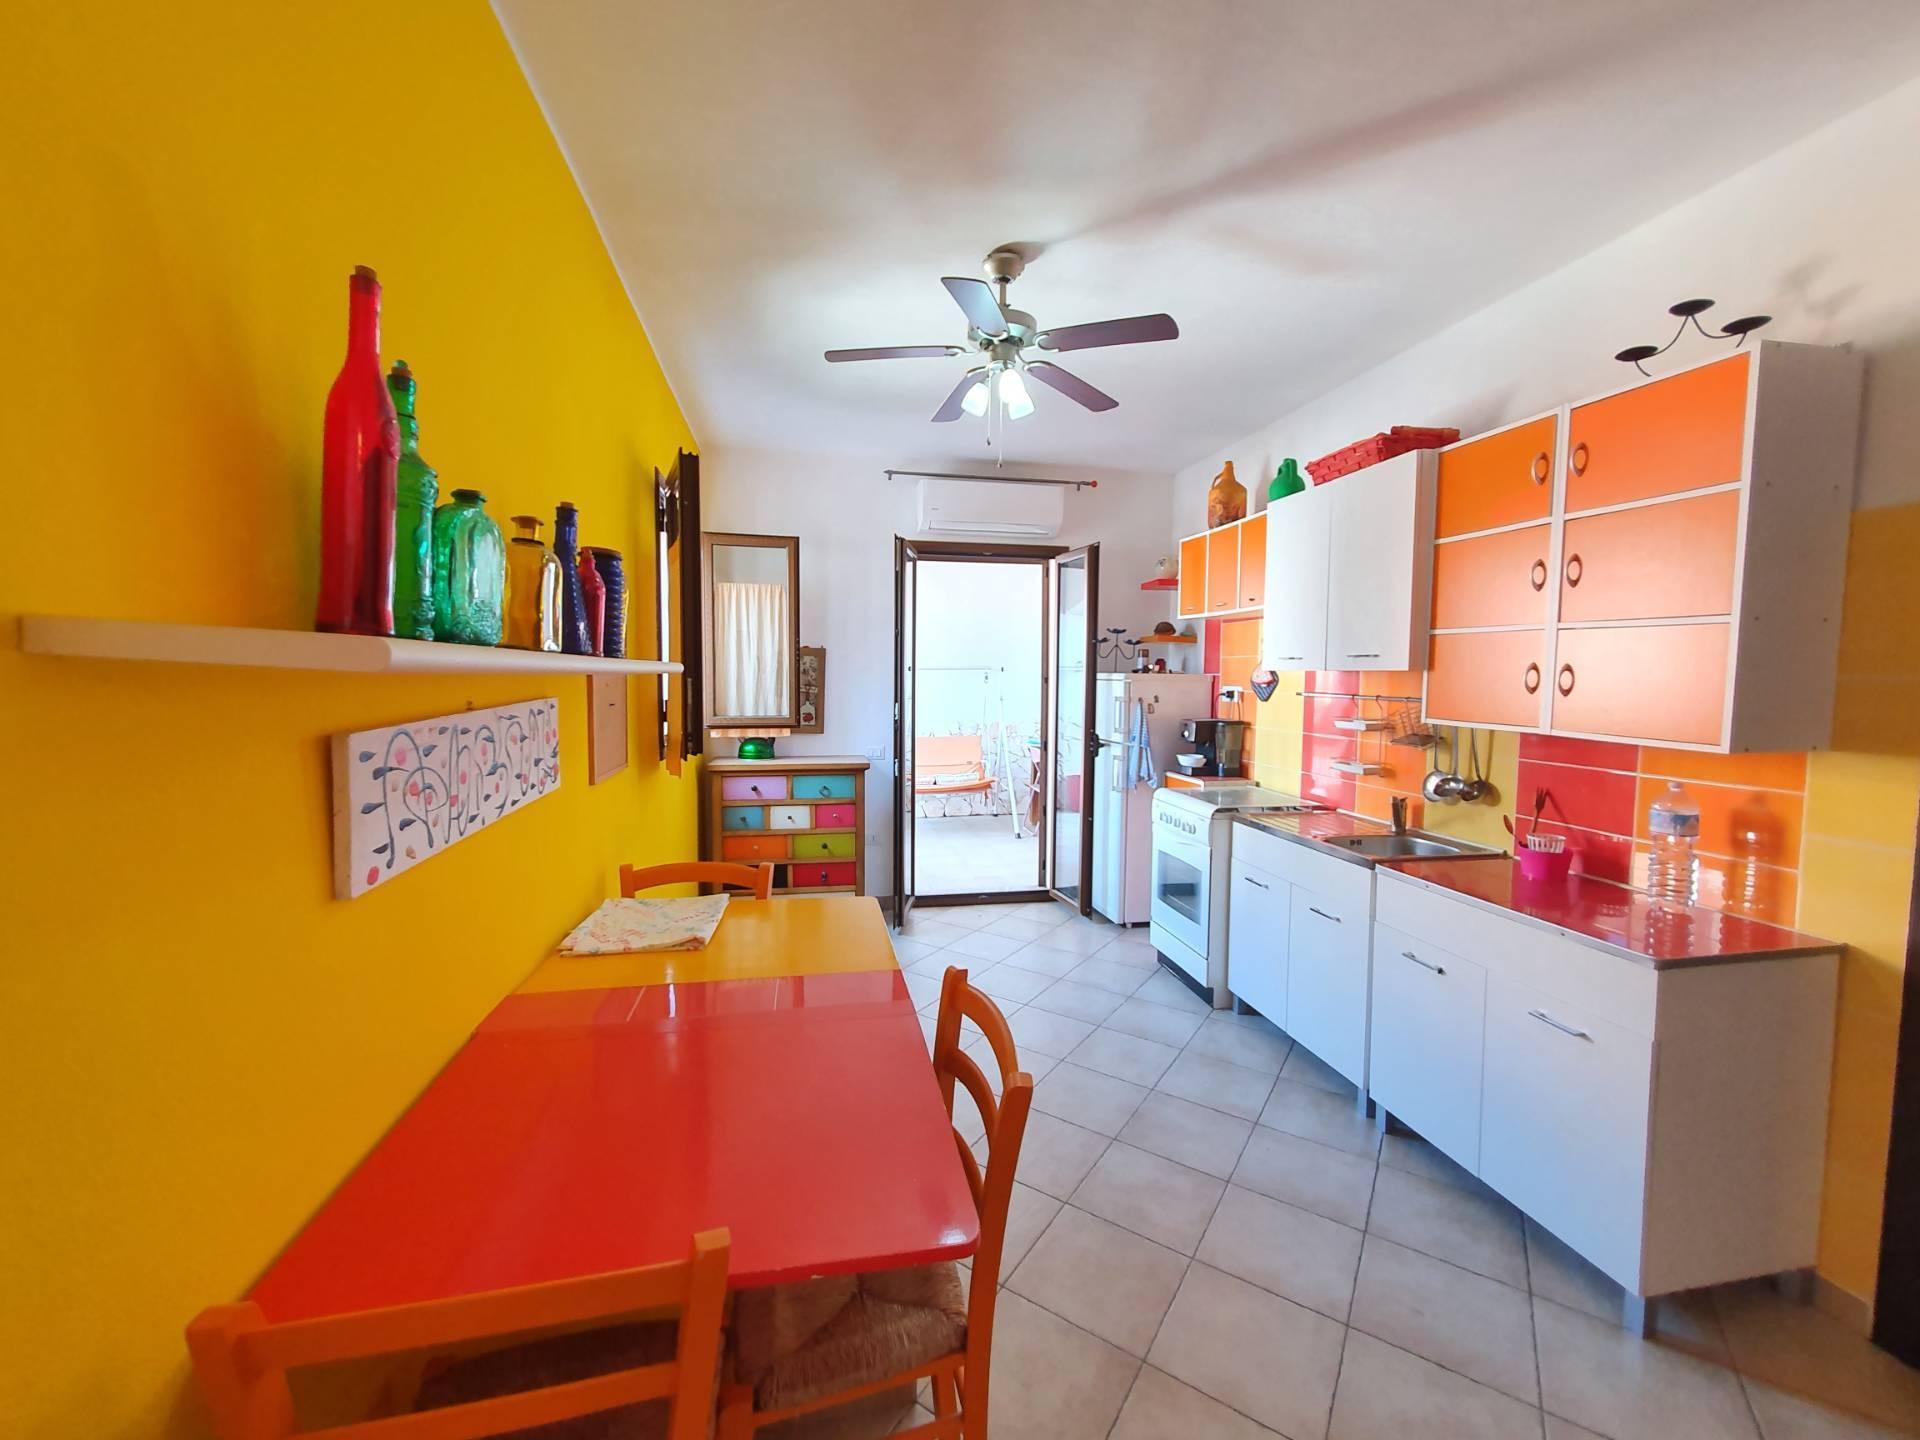 Appartamento in vendita a Tortolì, 3 locali, prezzo € 110.000 | PortaleAgenzieImmobiliari.it